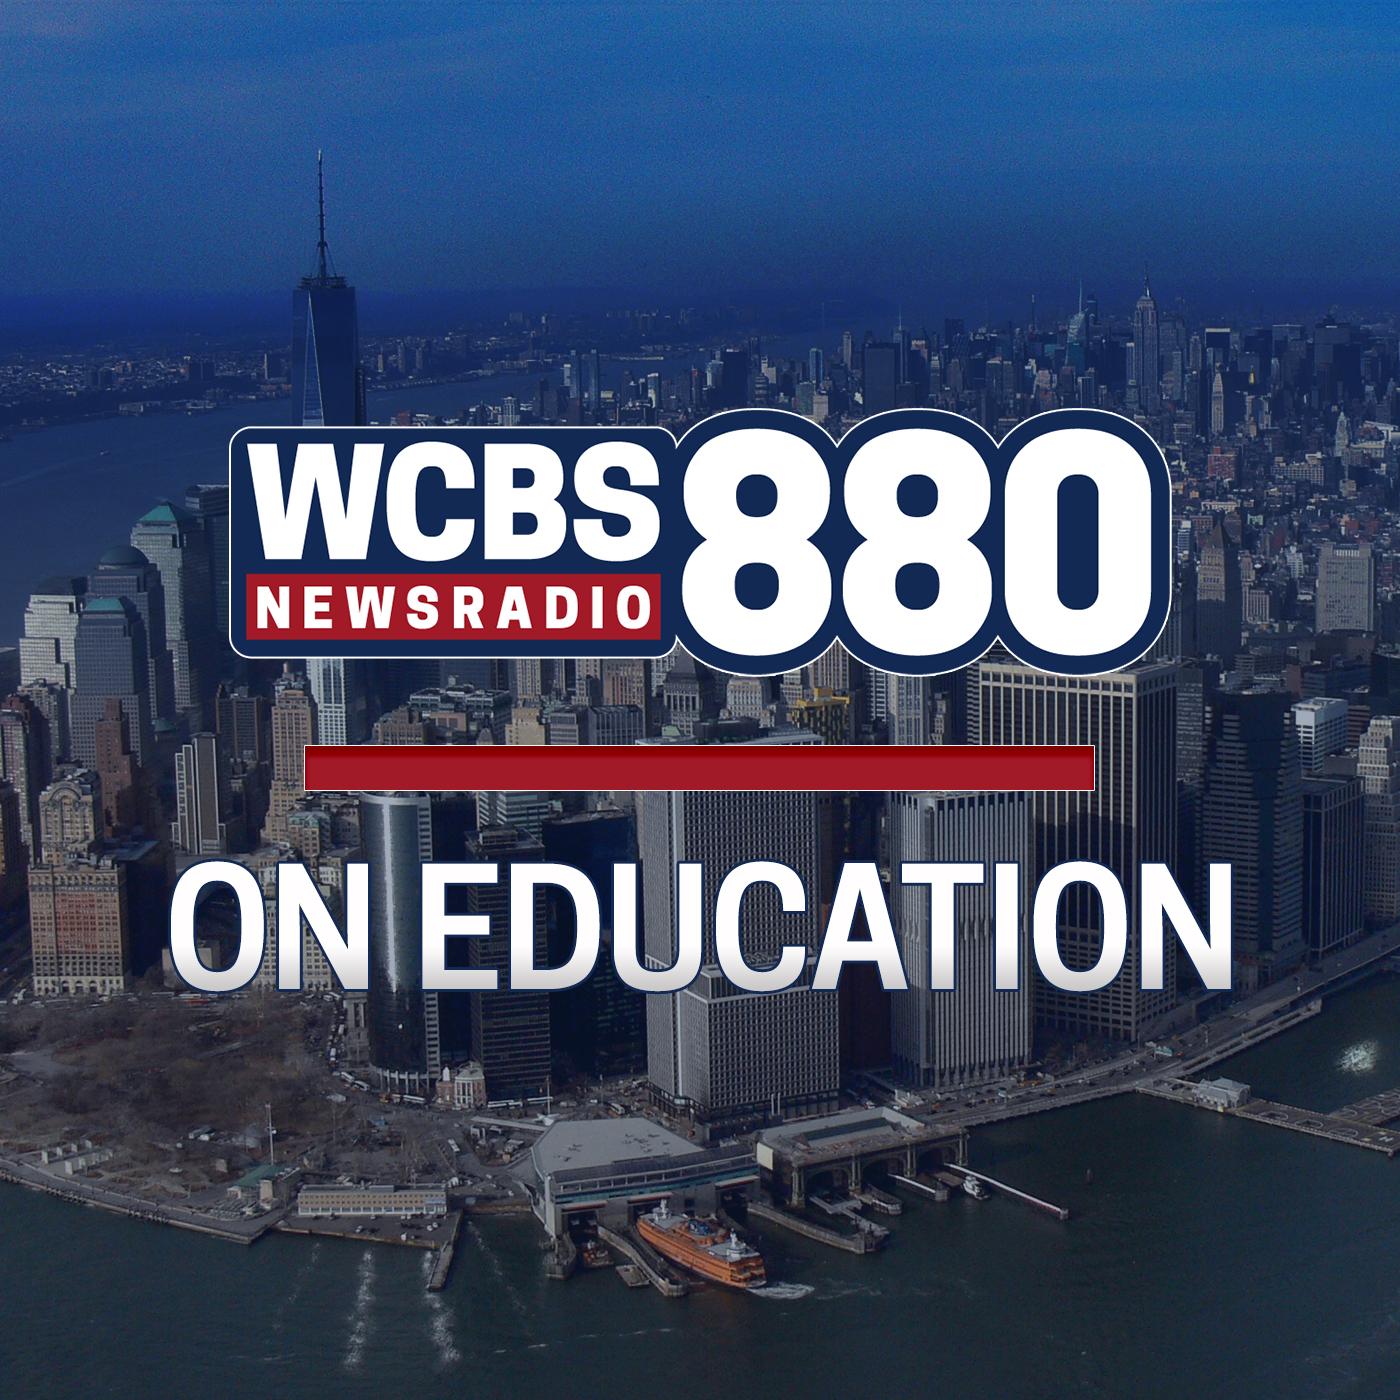 CBS On Education